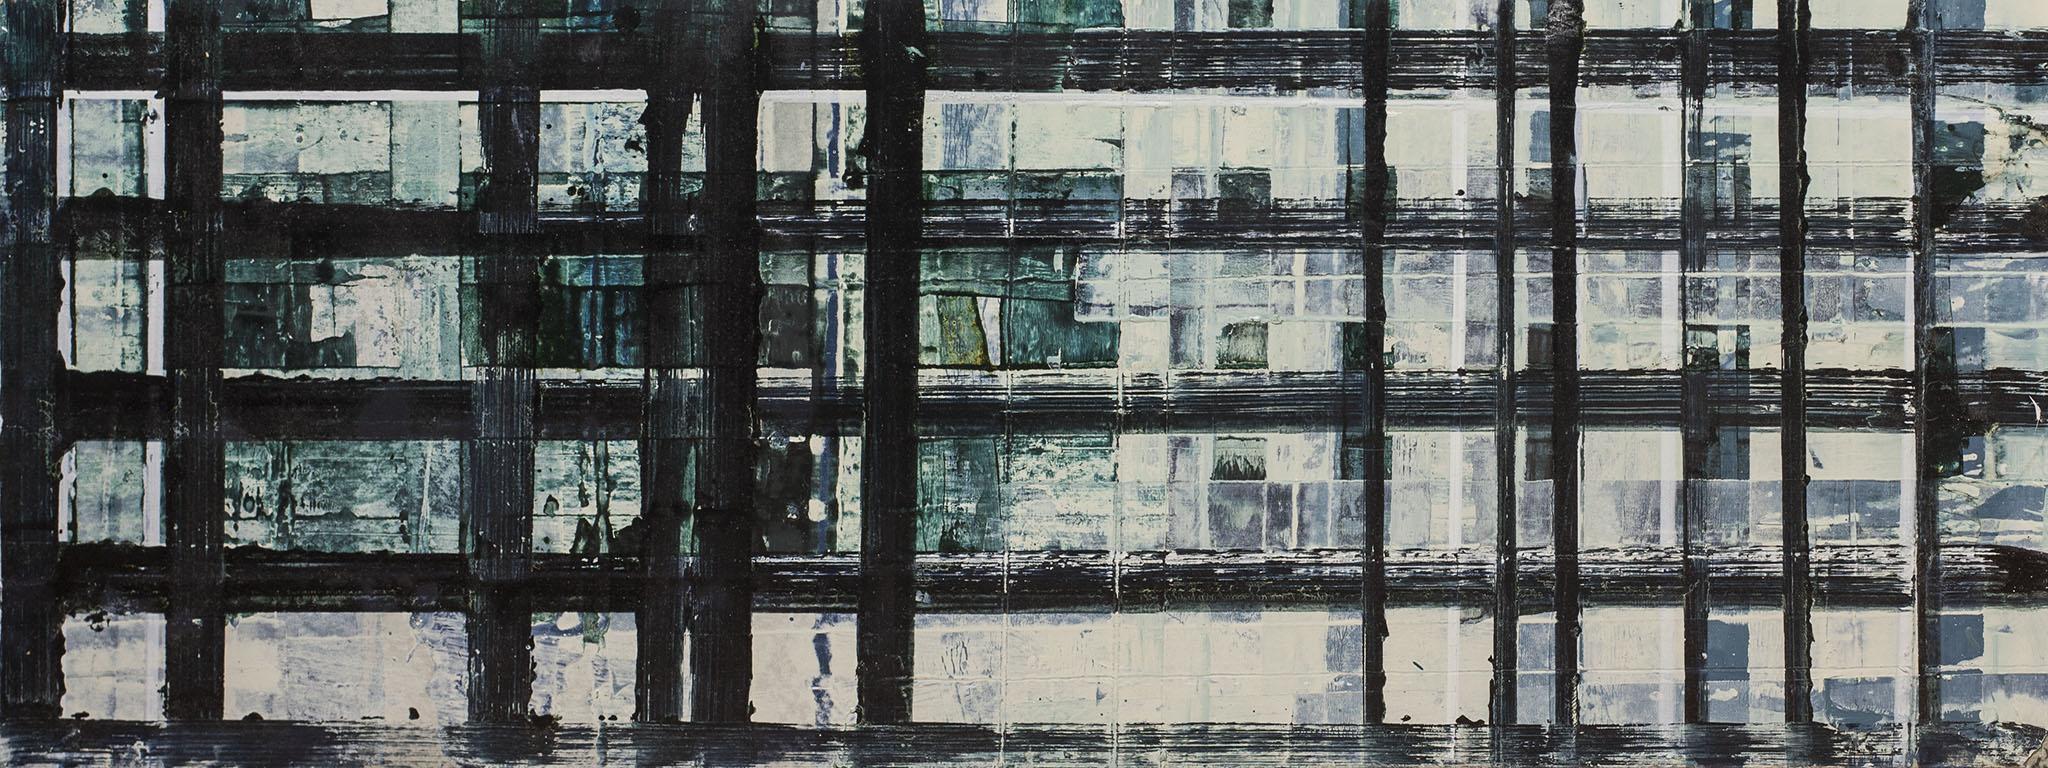 """עופרי מרום, 2008, שמן על קרטון, 30x80 ס""""מ"""